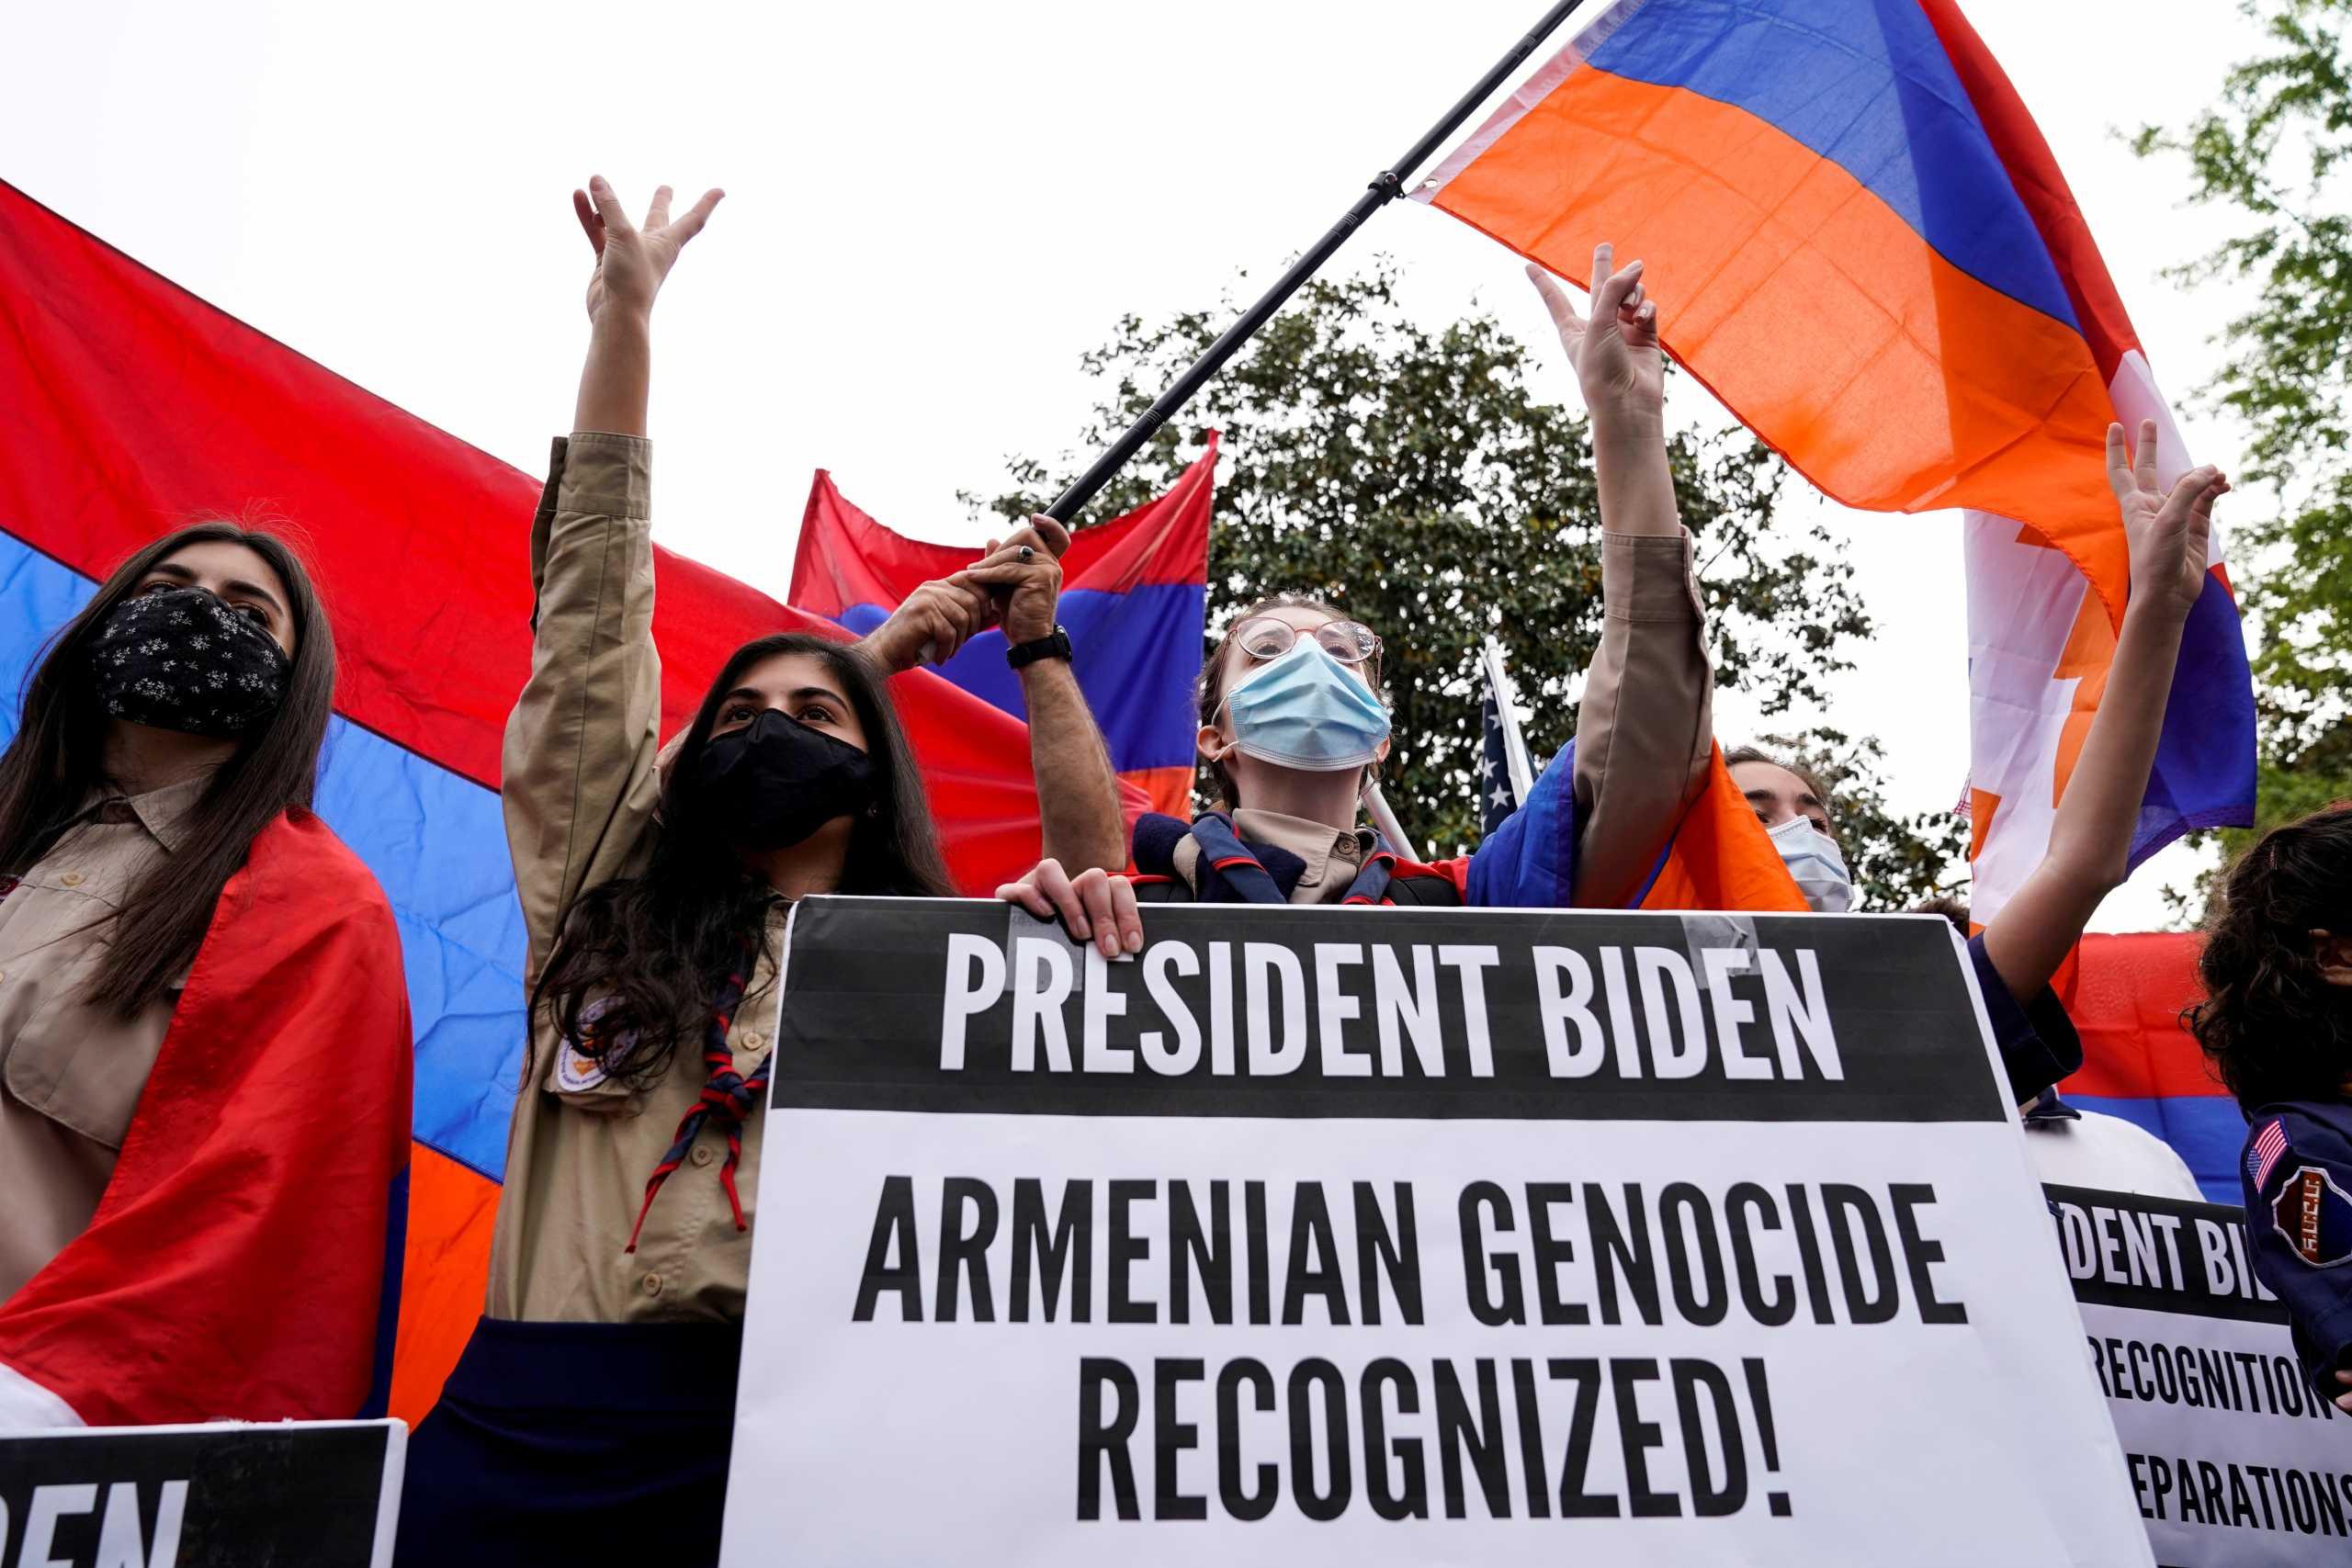 Γενοκτονία Αρμενίων: Ο Μπάιντεν εξέθεσε την «μπλόφα» και τον «εκβιασμό» του Ερντογάν